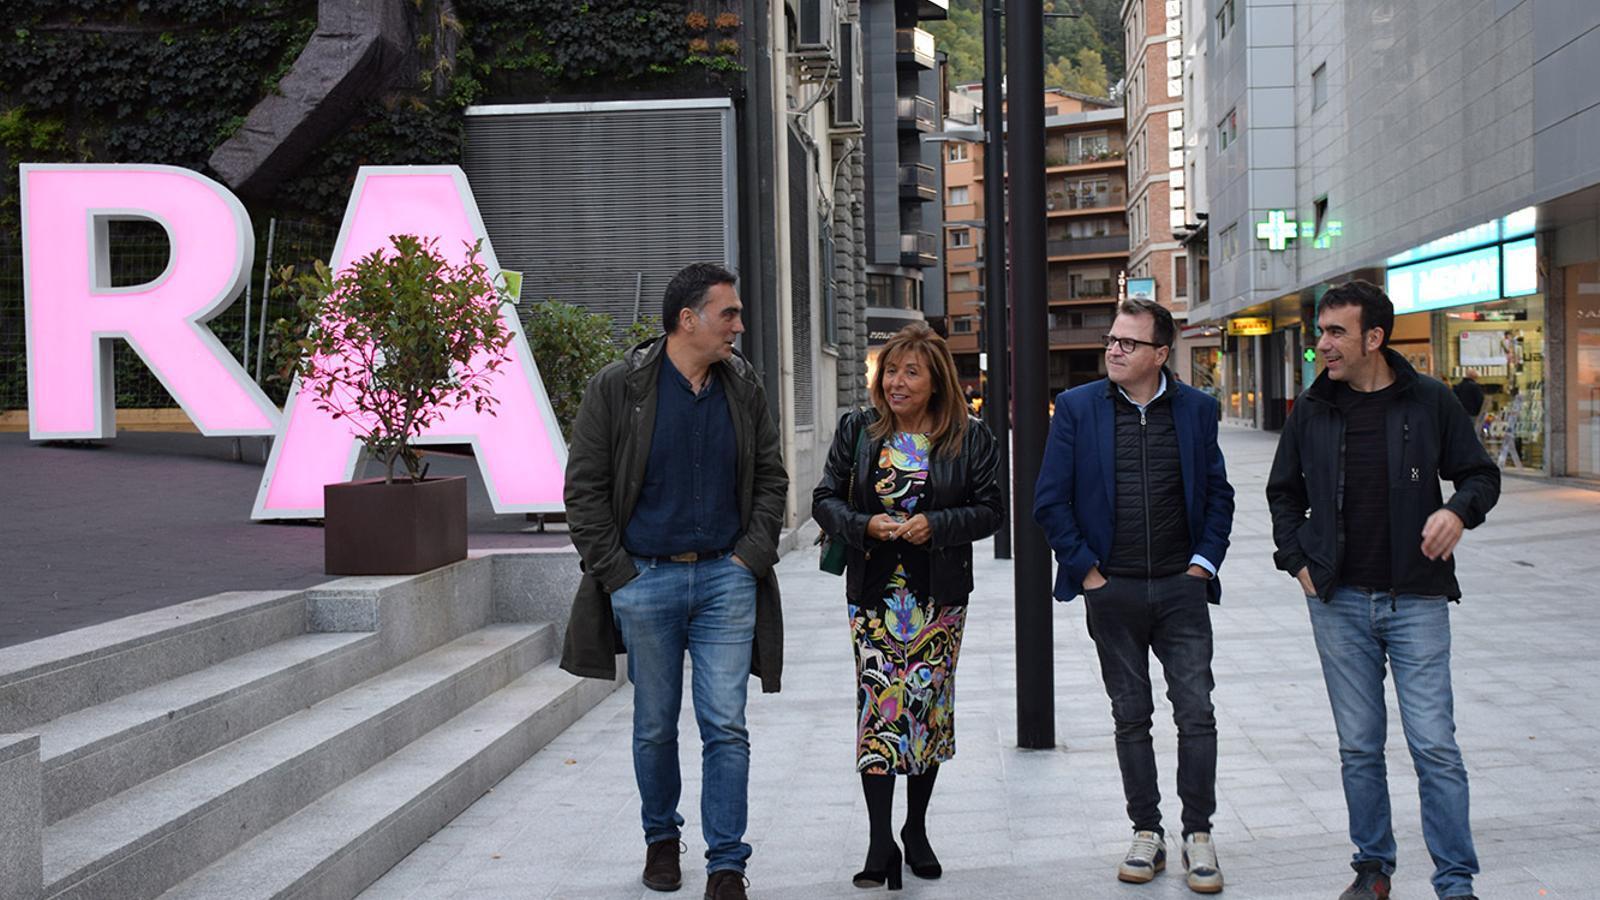 La cònsol major d'Andorra la Vella, Conxita Marsol i el conseller d'Urbanisme i Aparcaments, Josep Antoni Cortés, amb els regidors de Pontevedra Demetrio Gómez i Xaquín Moreda. / M. F. (ANA)